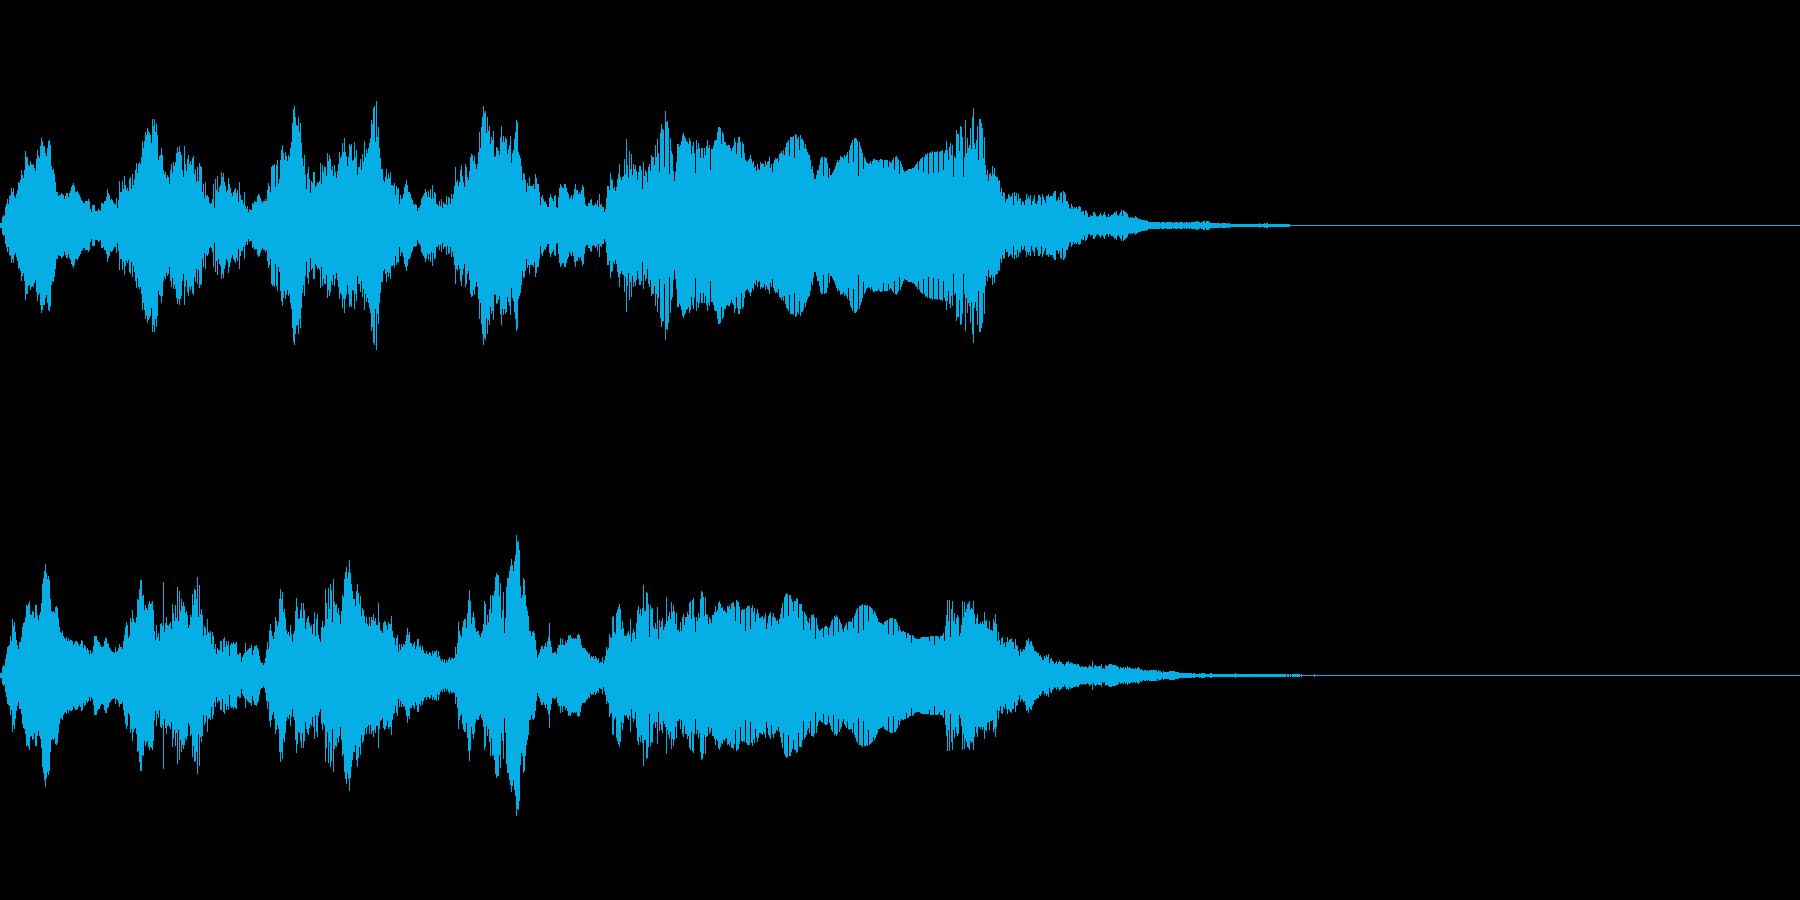 ゲームオーバー オチ ズッコケの再生済みの波形